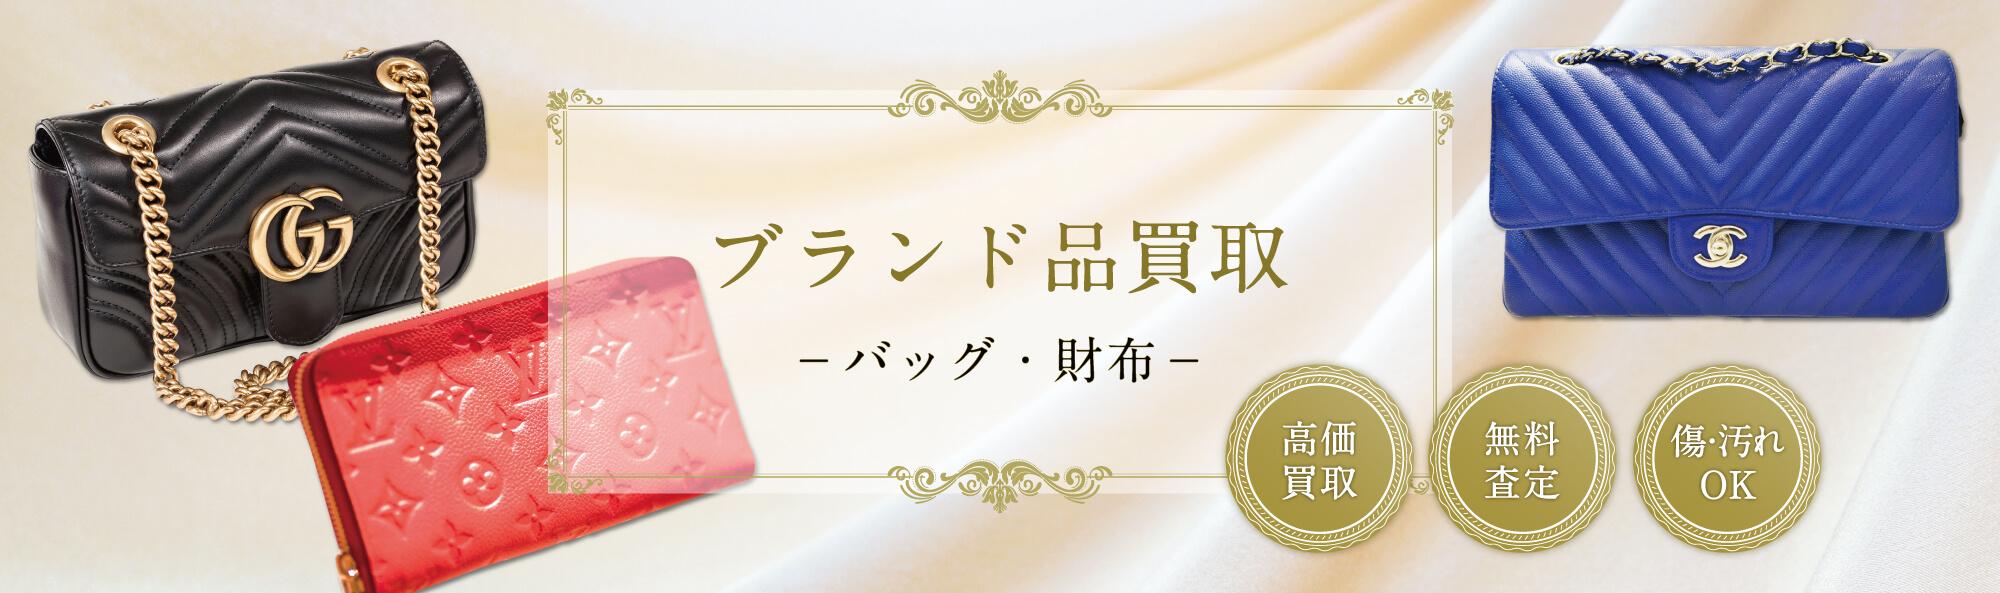 ブランド品買取 − バッグ・財布 −